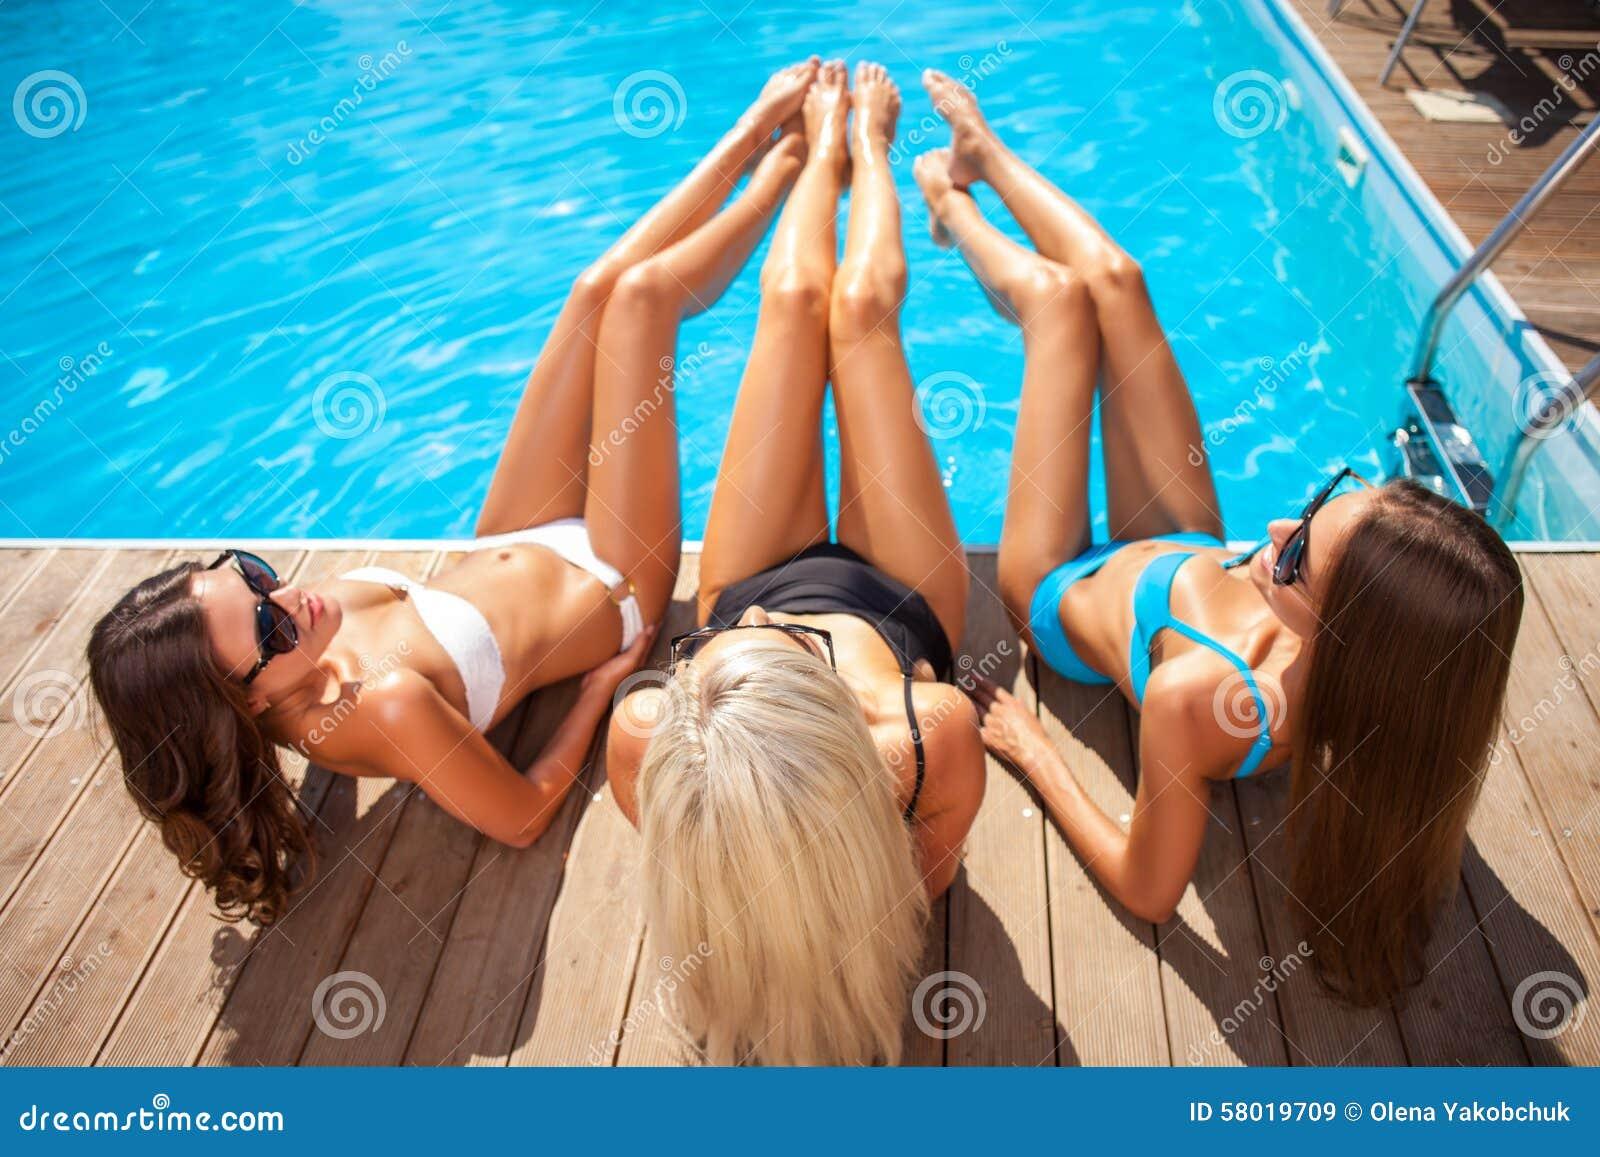 Les belles jeunes femmes les prennent un bain de soleil près de l eau